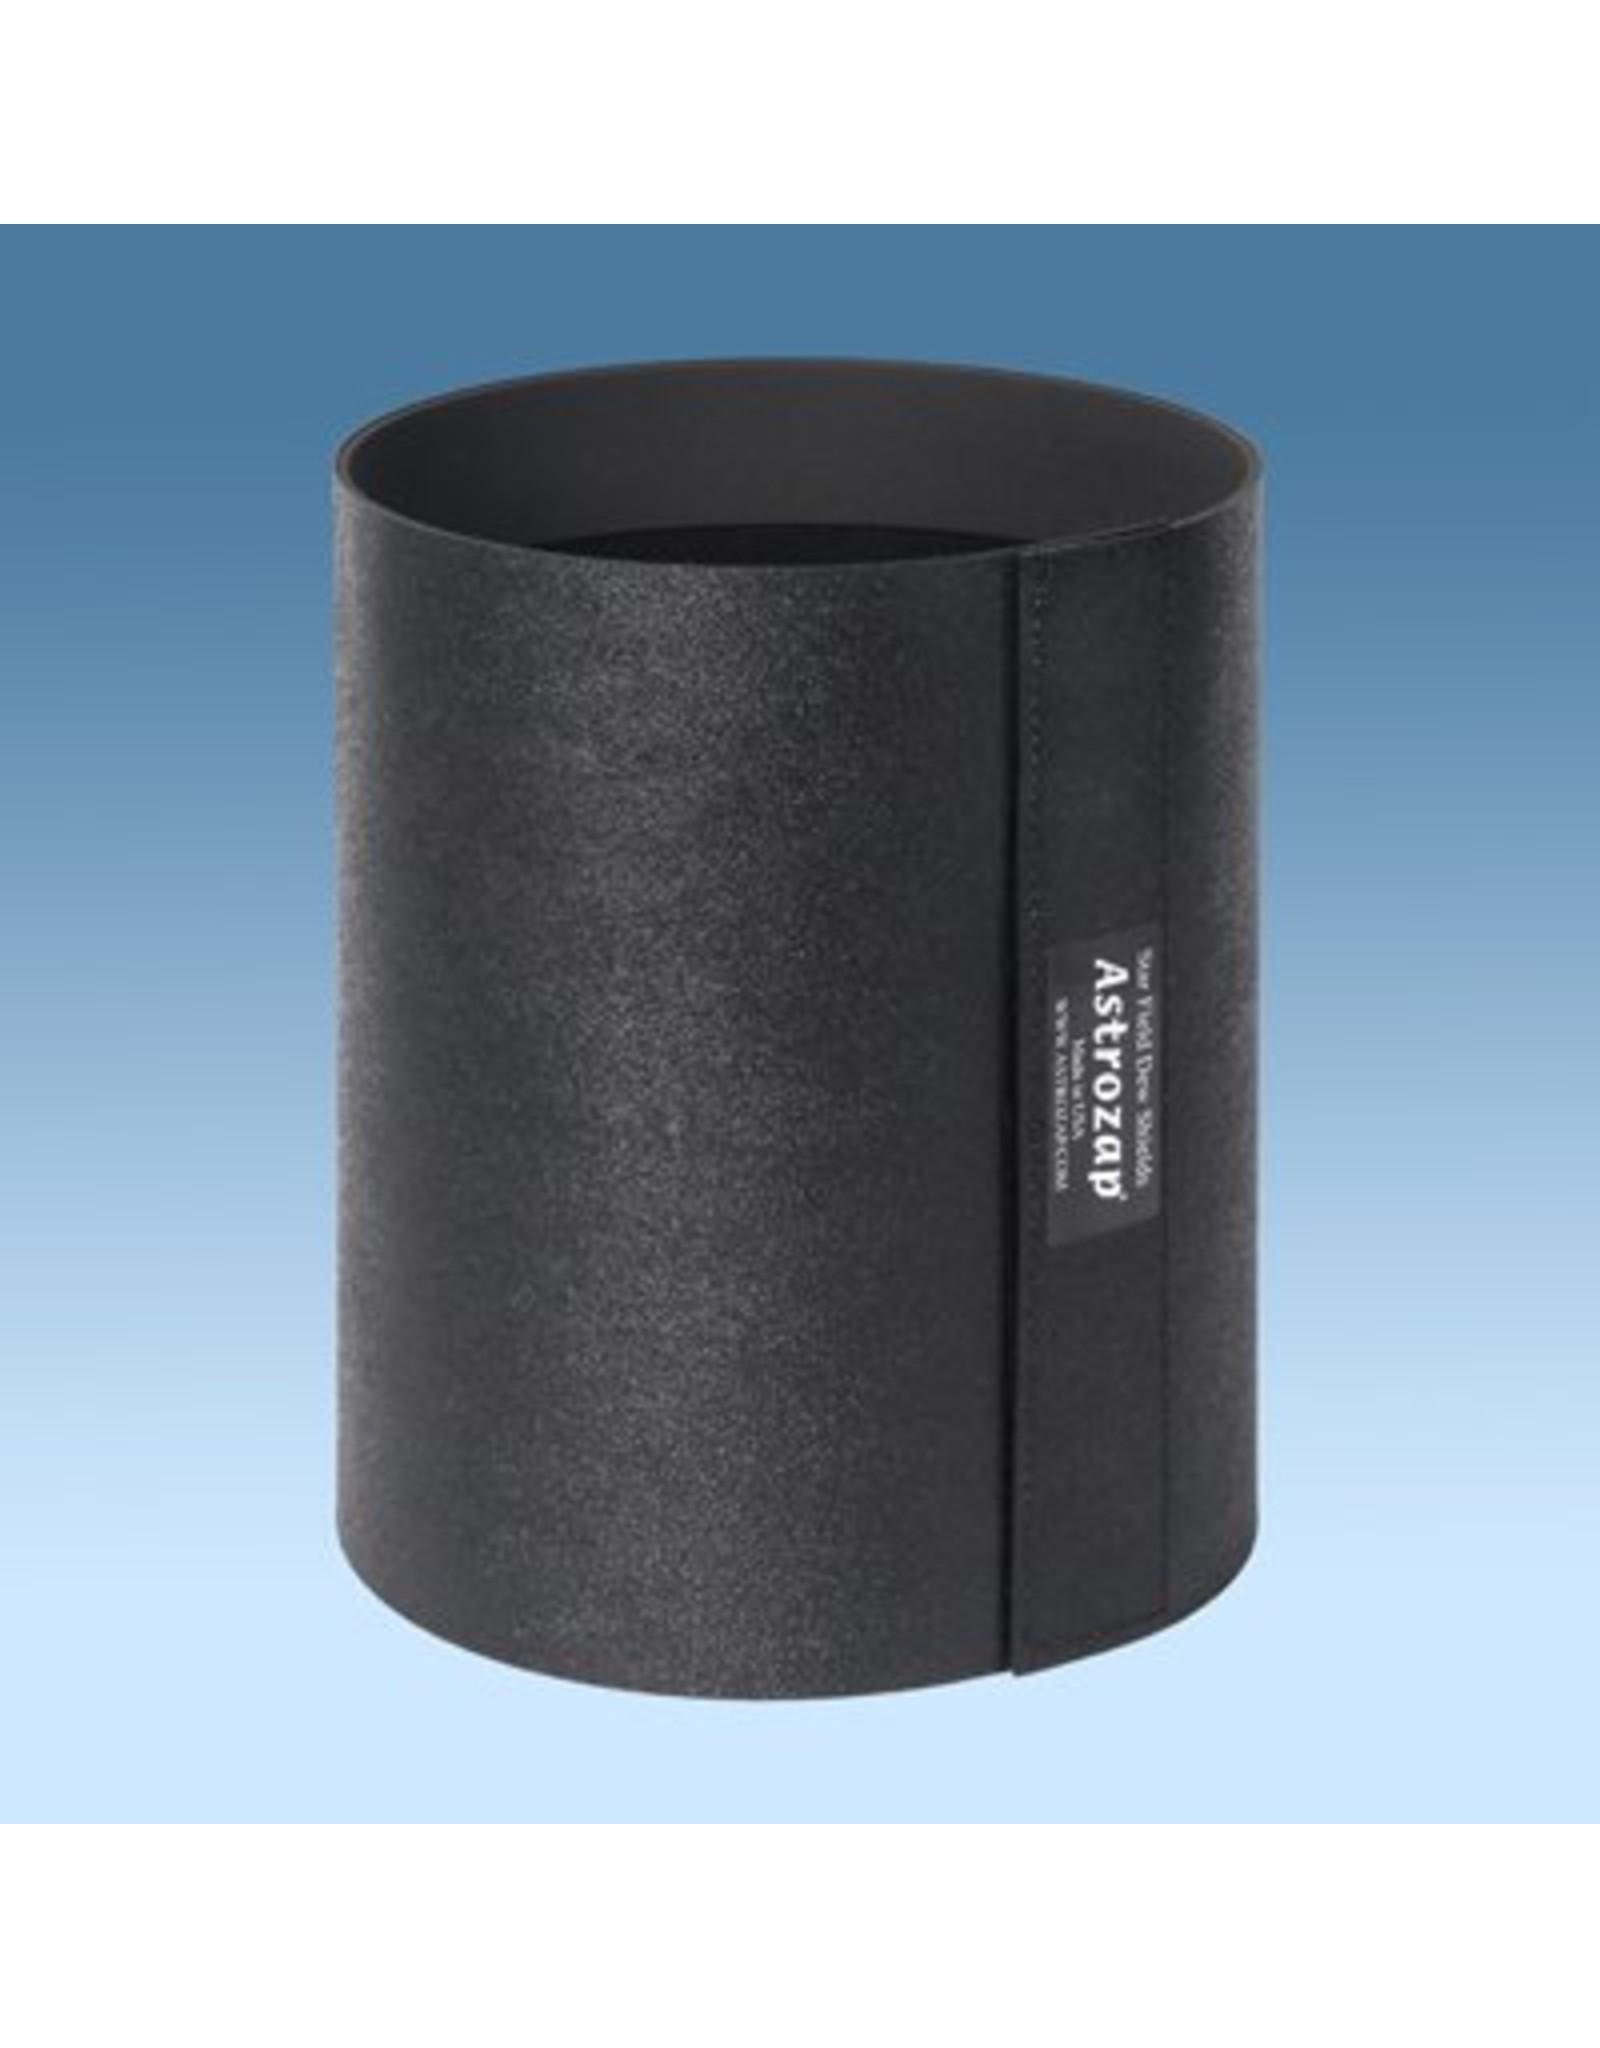 Astrozap Meade 8 LXD55 & LXD75 SCT-Newt Flexi-Shield™ Flexible Dew Shield, No Notch